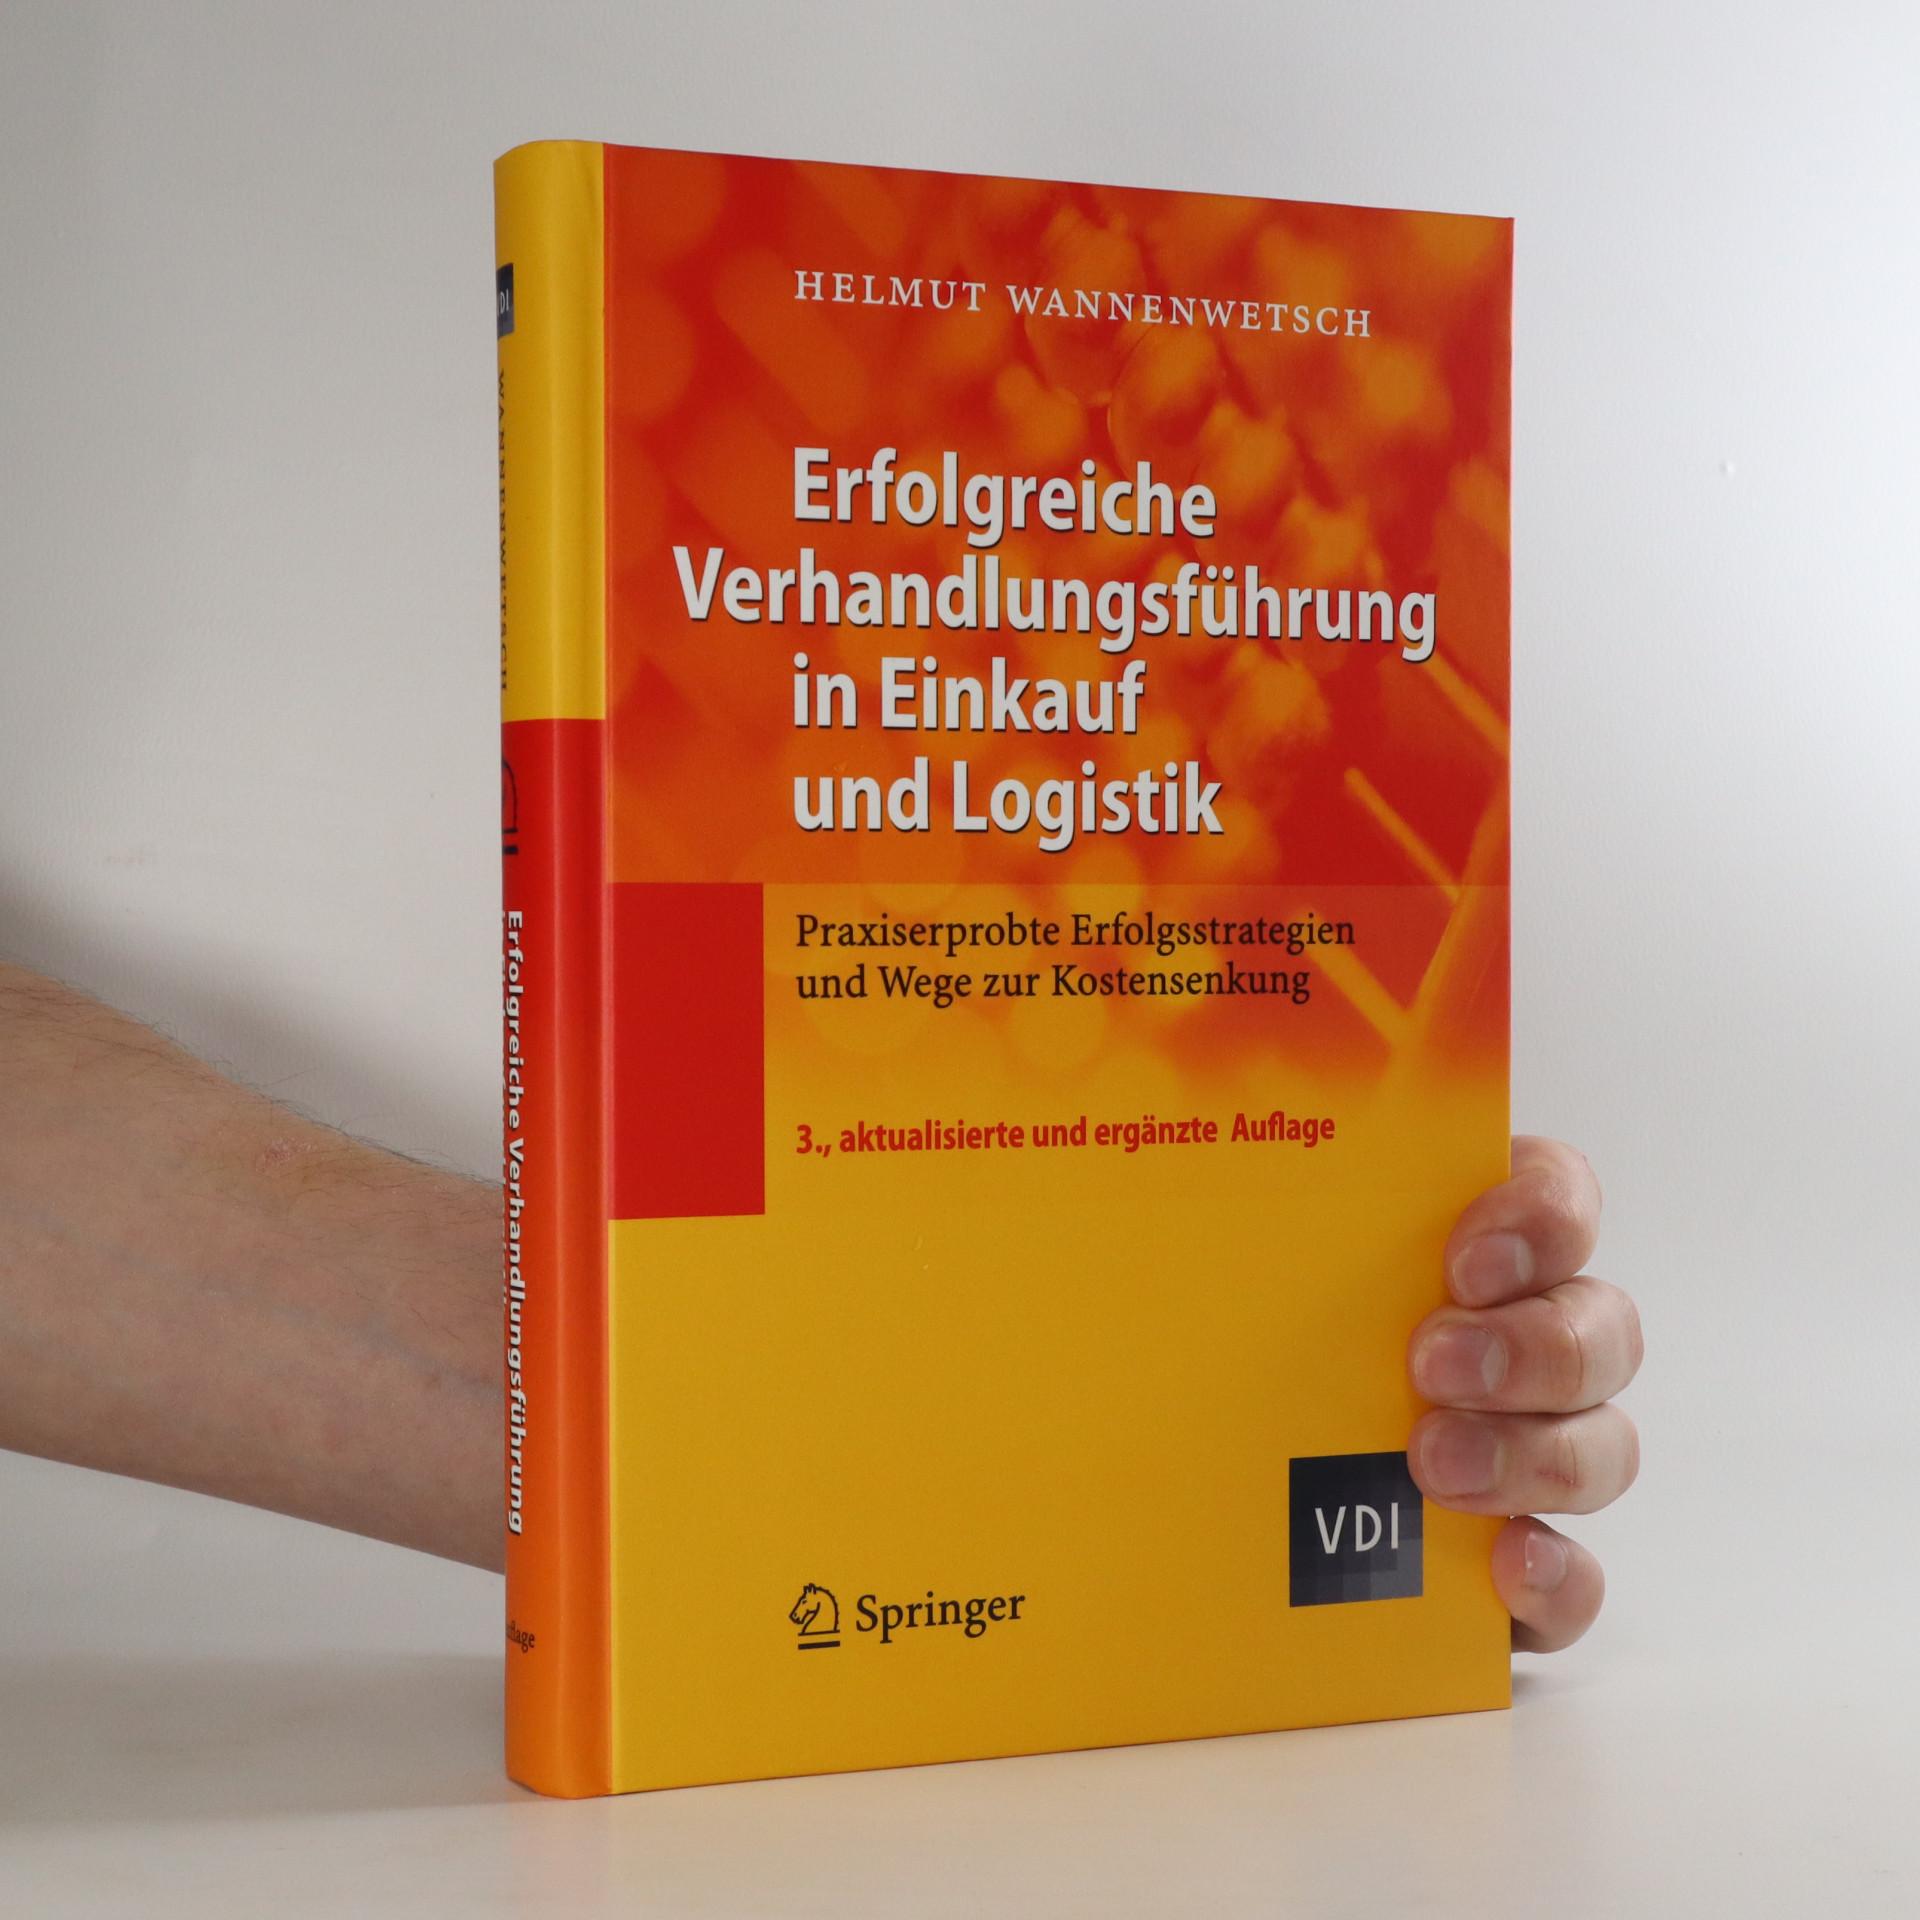 antikvární kniha Erfolgreiche Verhandlungsführung in Einkauf und Logistik, neuveden